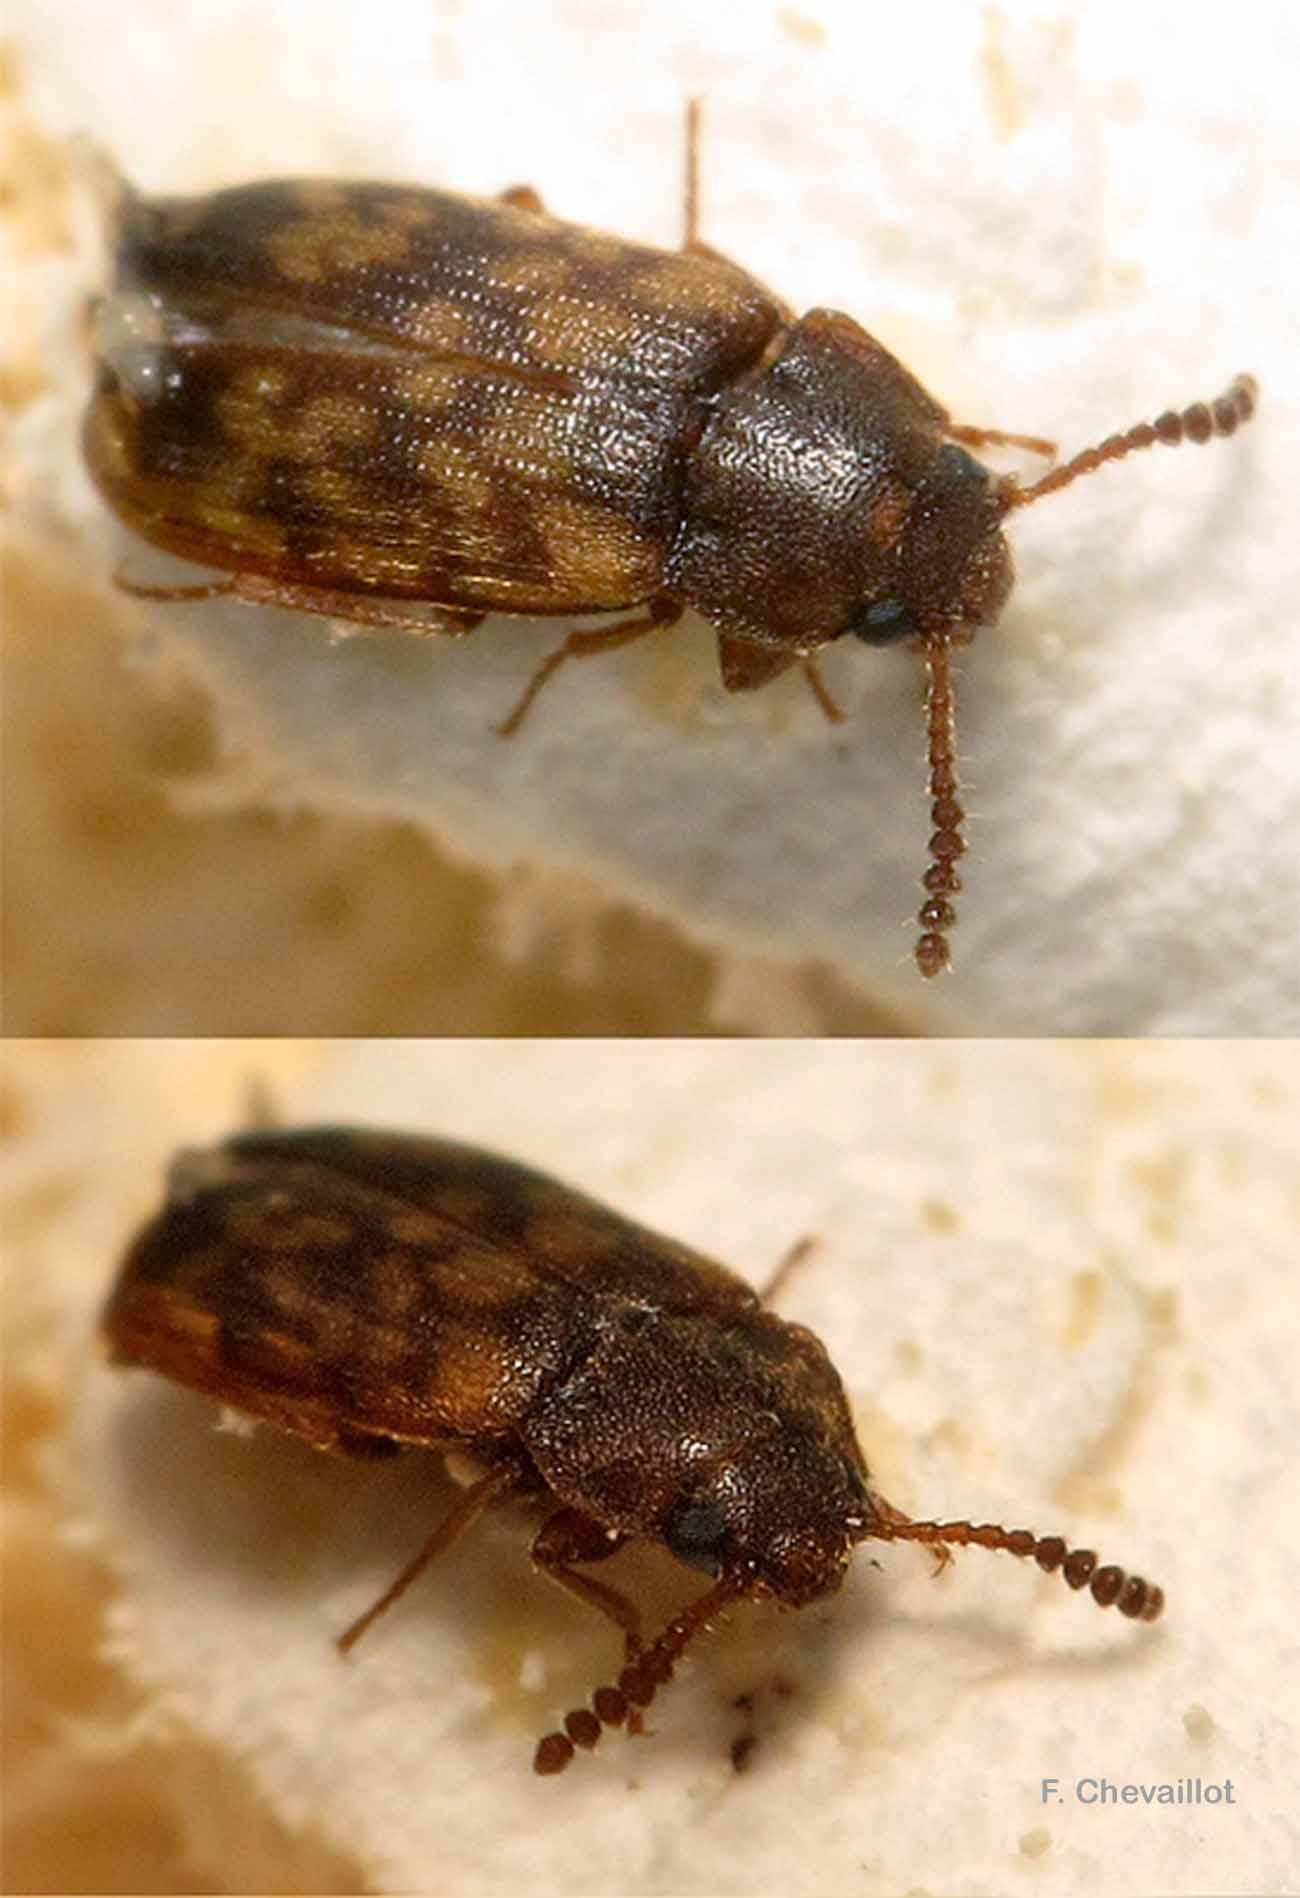 Mycetophagus multipunctatus